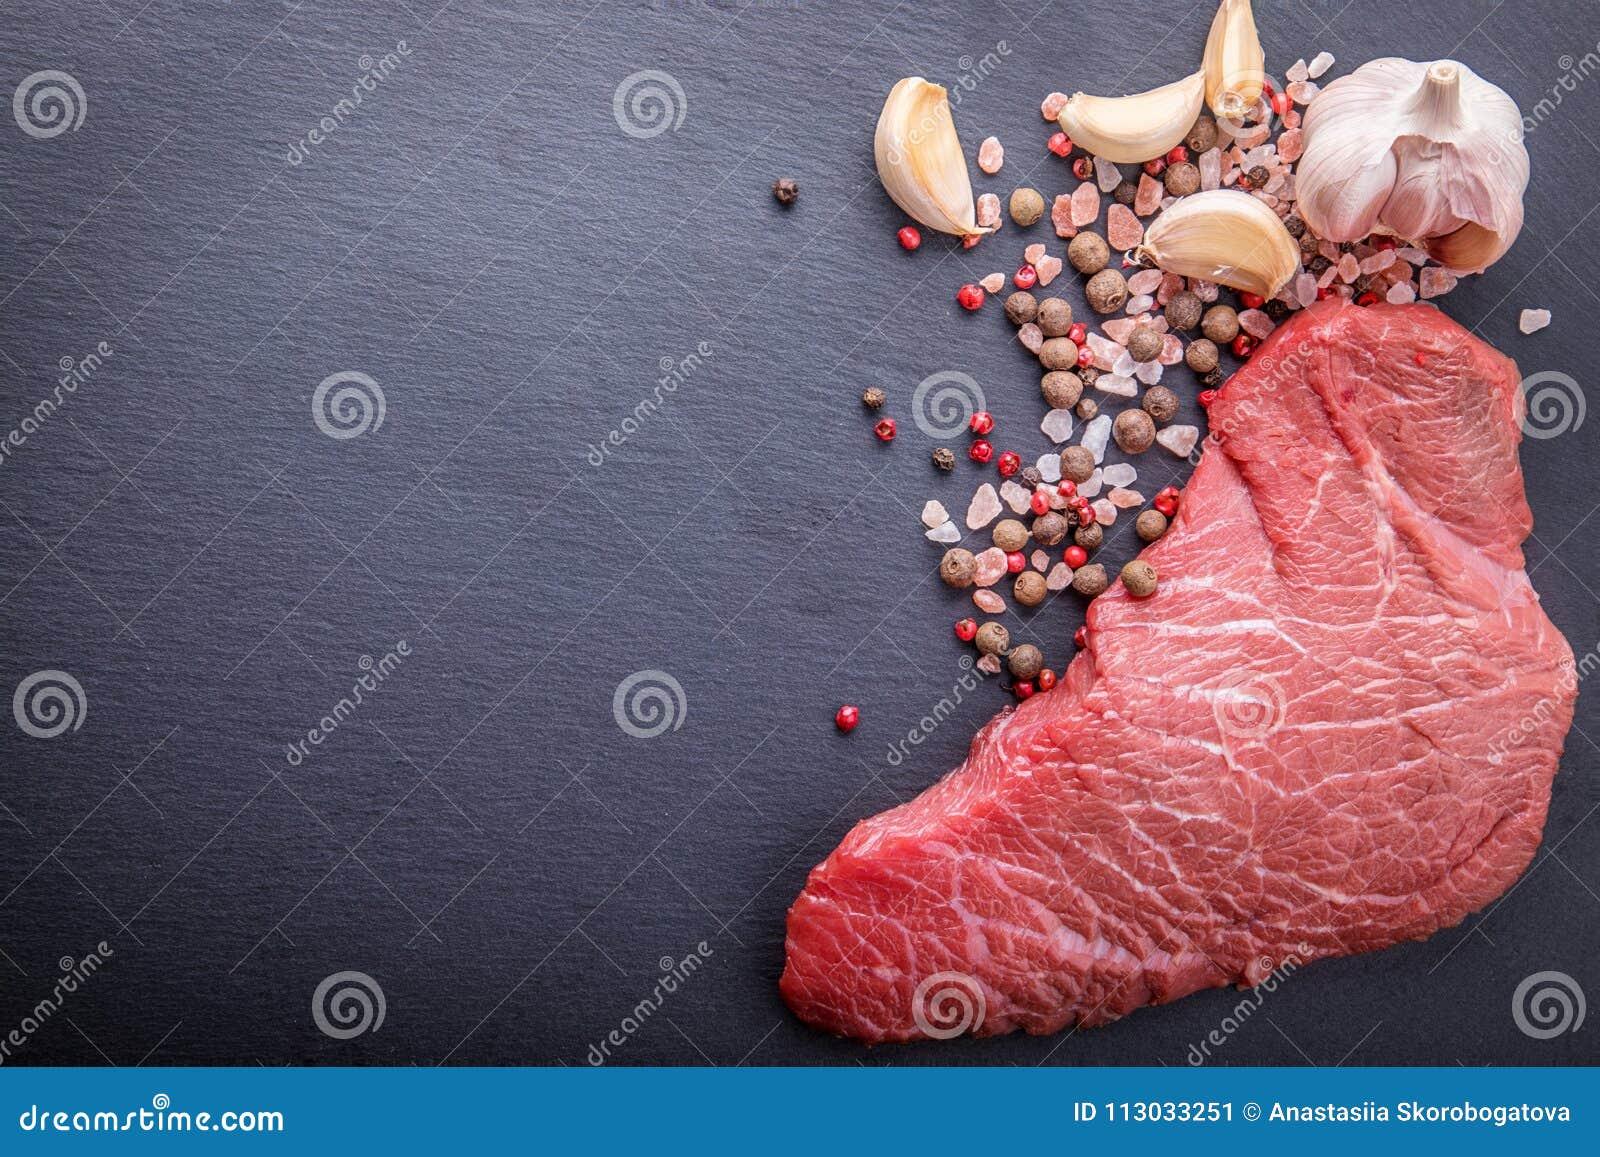 Un fondo con un pedazo crudo de carne de vaca y de verduras, un proceso